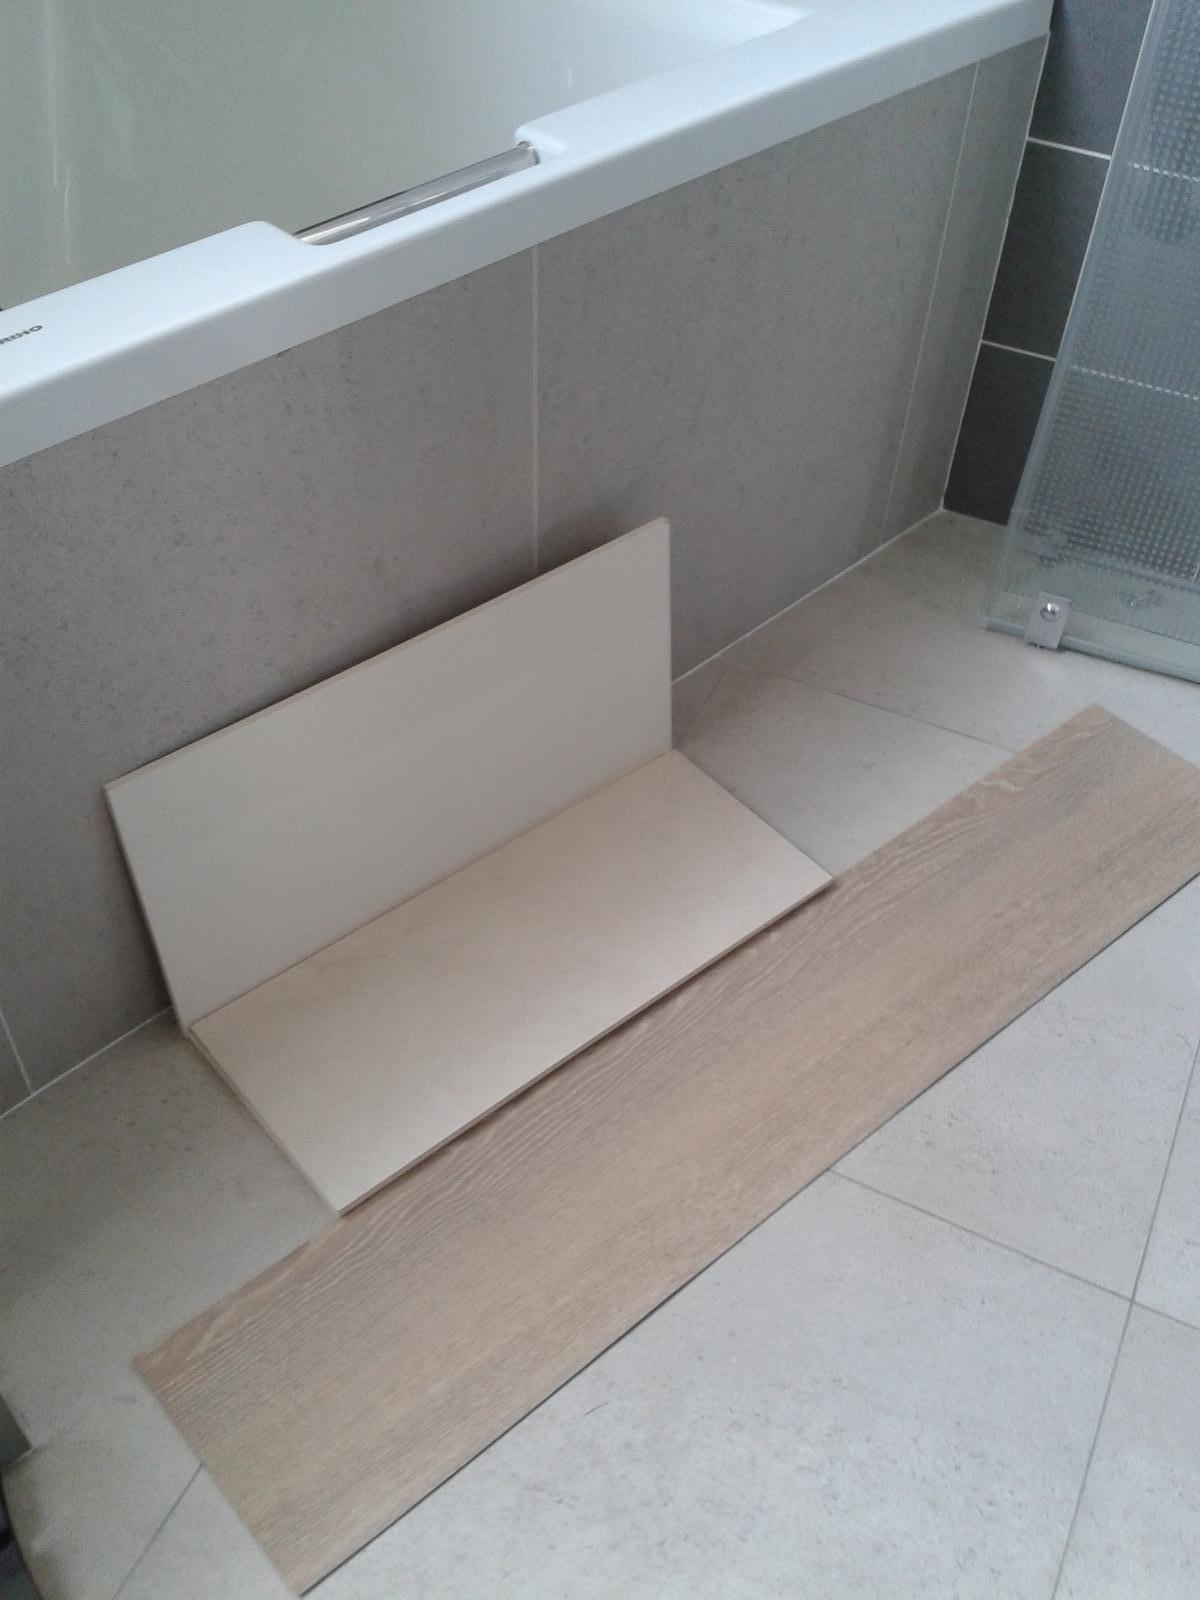 Mala panelakova koupelna - Obrázek č. 36